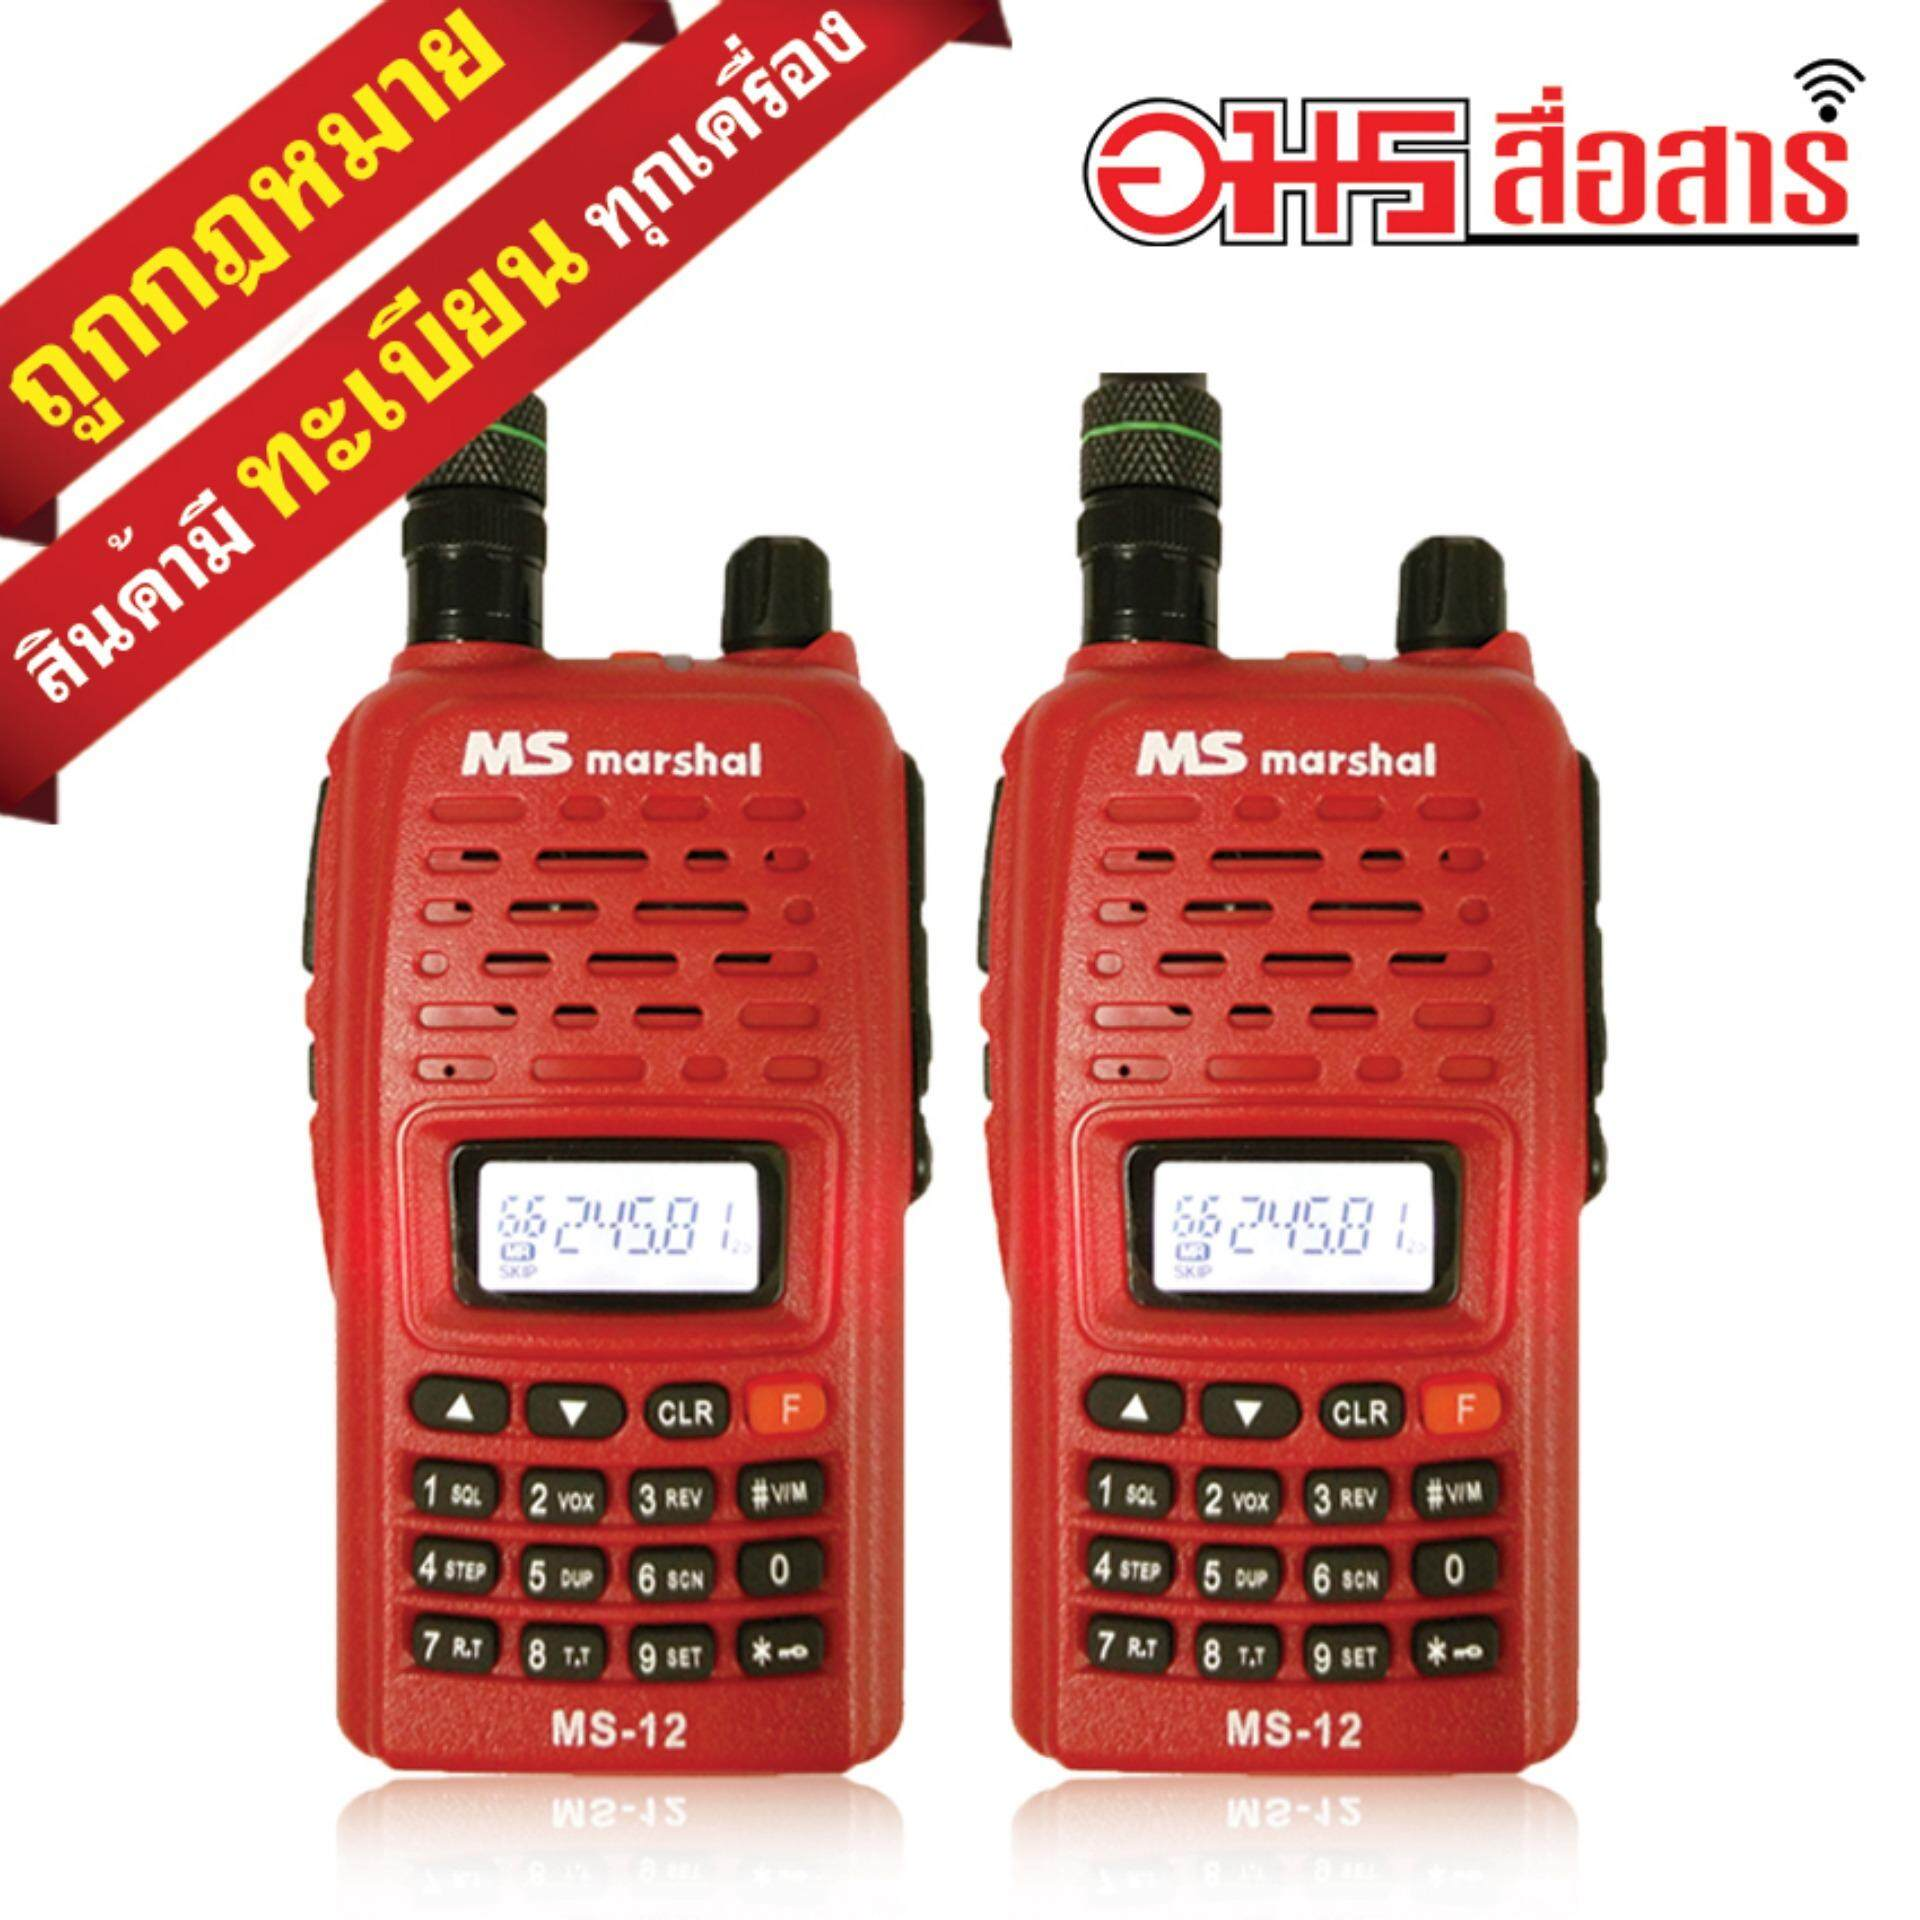 ราคา Ms Marshal วิทยุสื่อสาร 5W Ms 12 สีแดง แพ็คคู่ Walkie Talkie Walkie Talkie อมรสื่อสาร Ms Marshal ออนไลน์